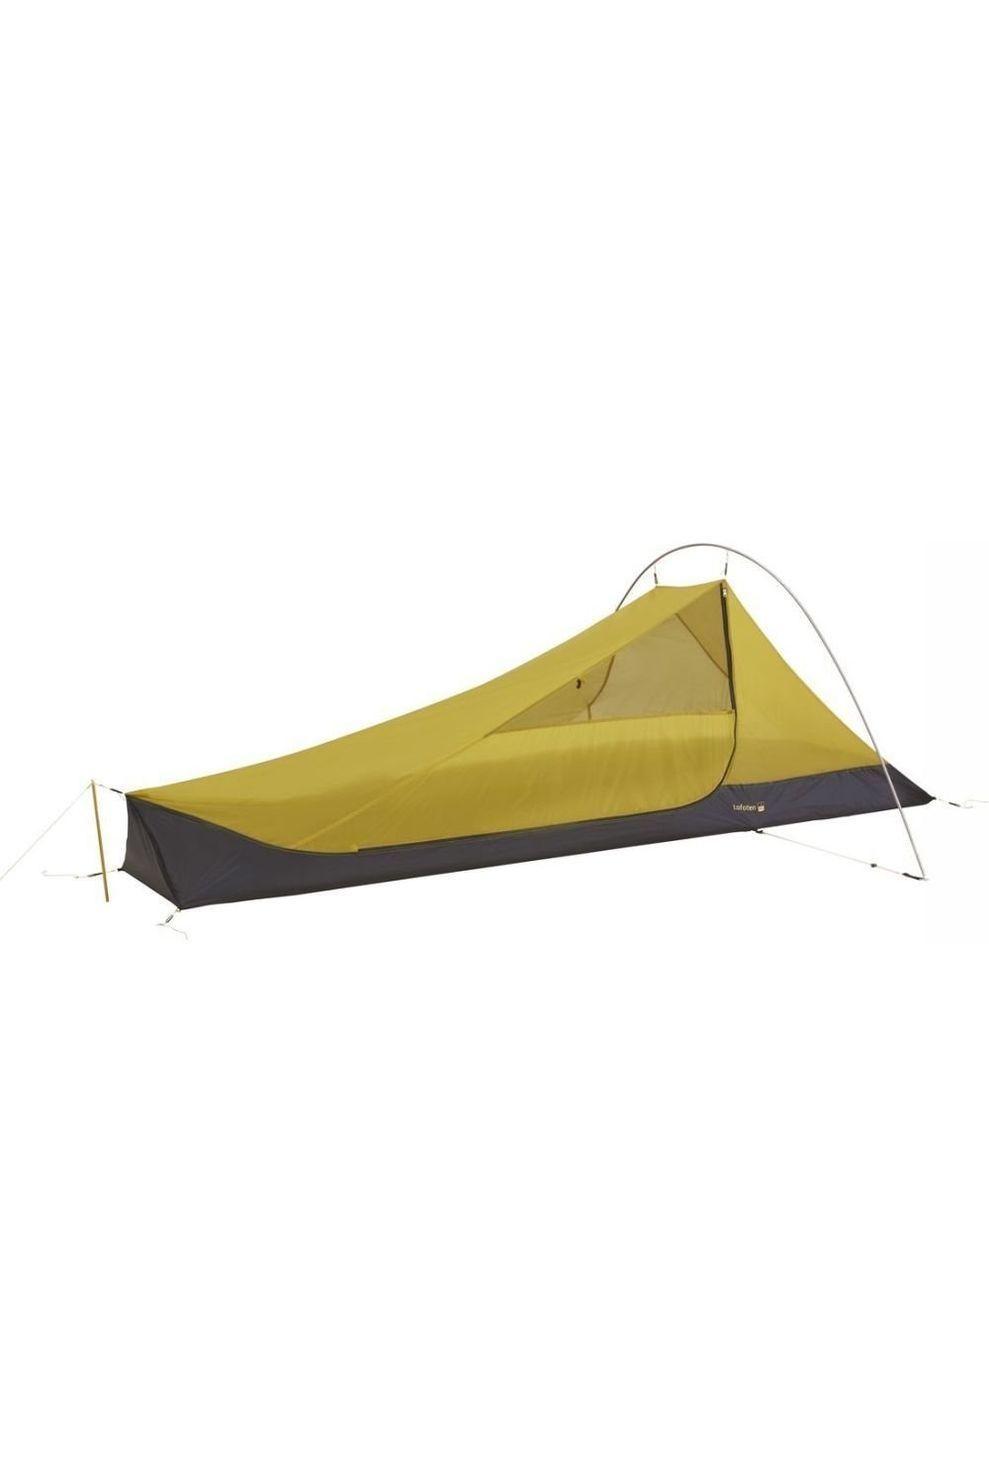 Nordisk Voortent Lofoten - 1 Person Inner Tent - Geel